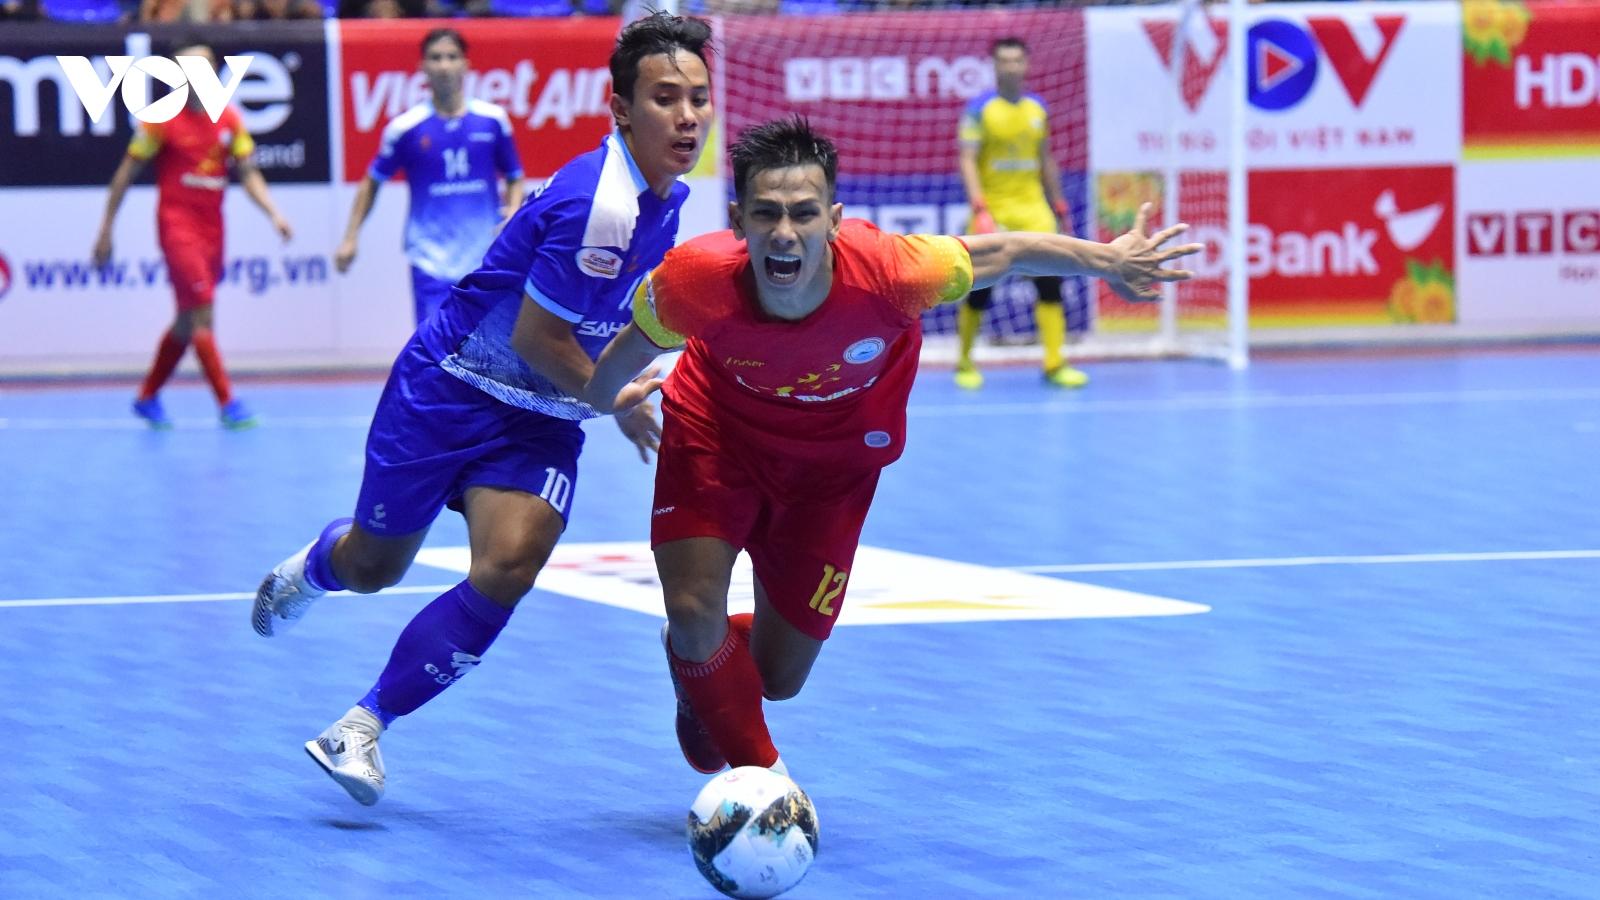 Sannatech Khánh Hòa tạo nên chung kết trong mơ với Thái Sơn Nam